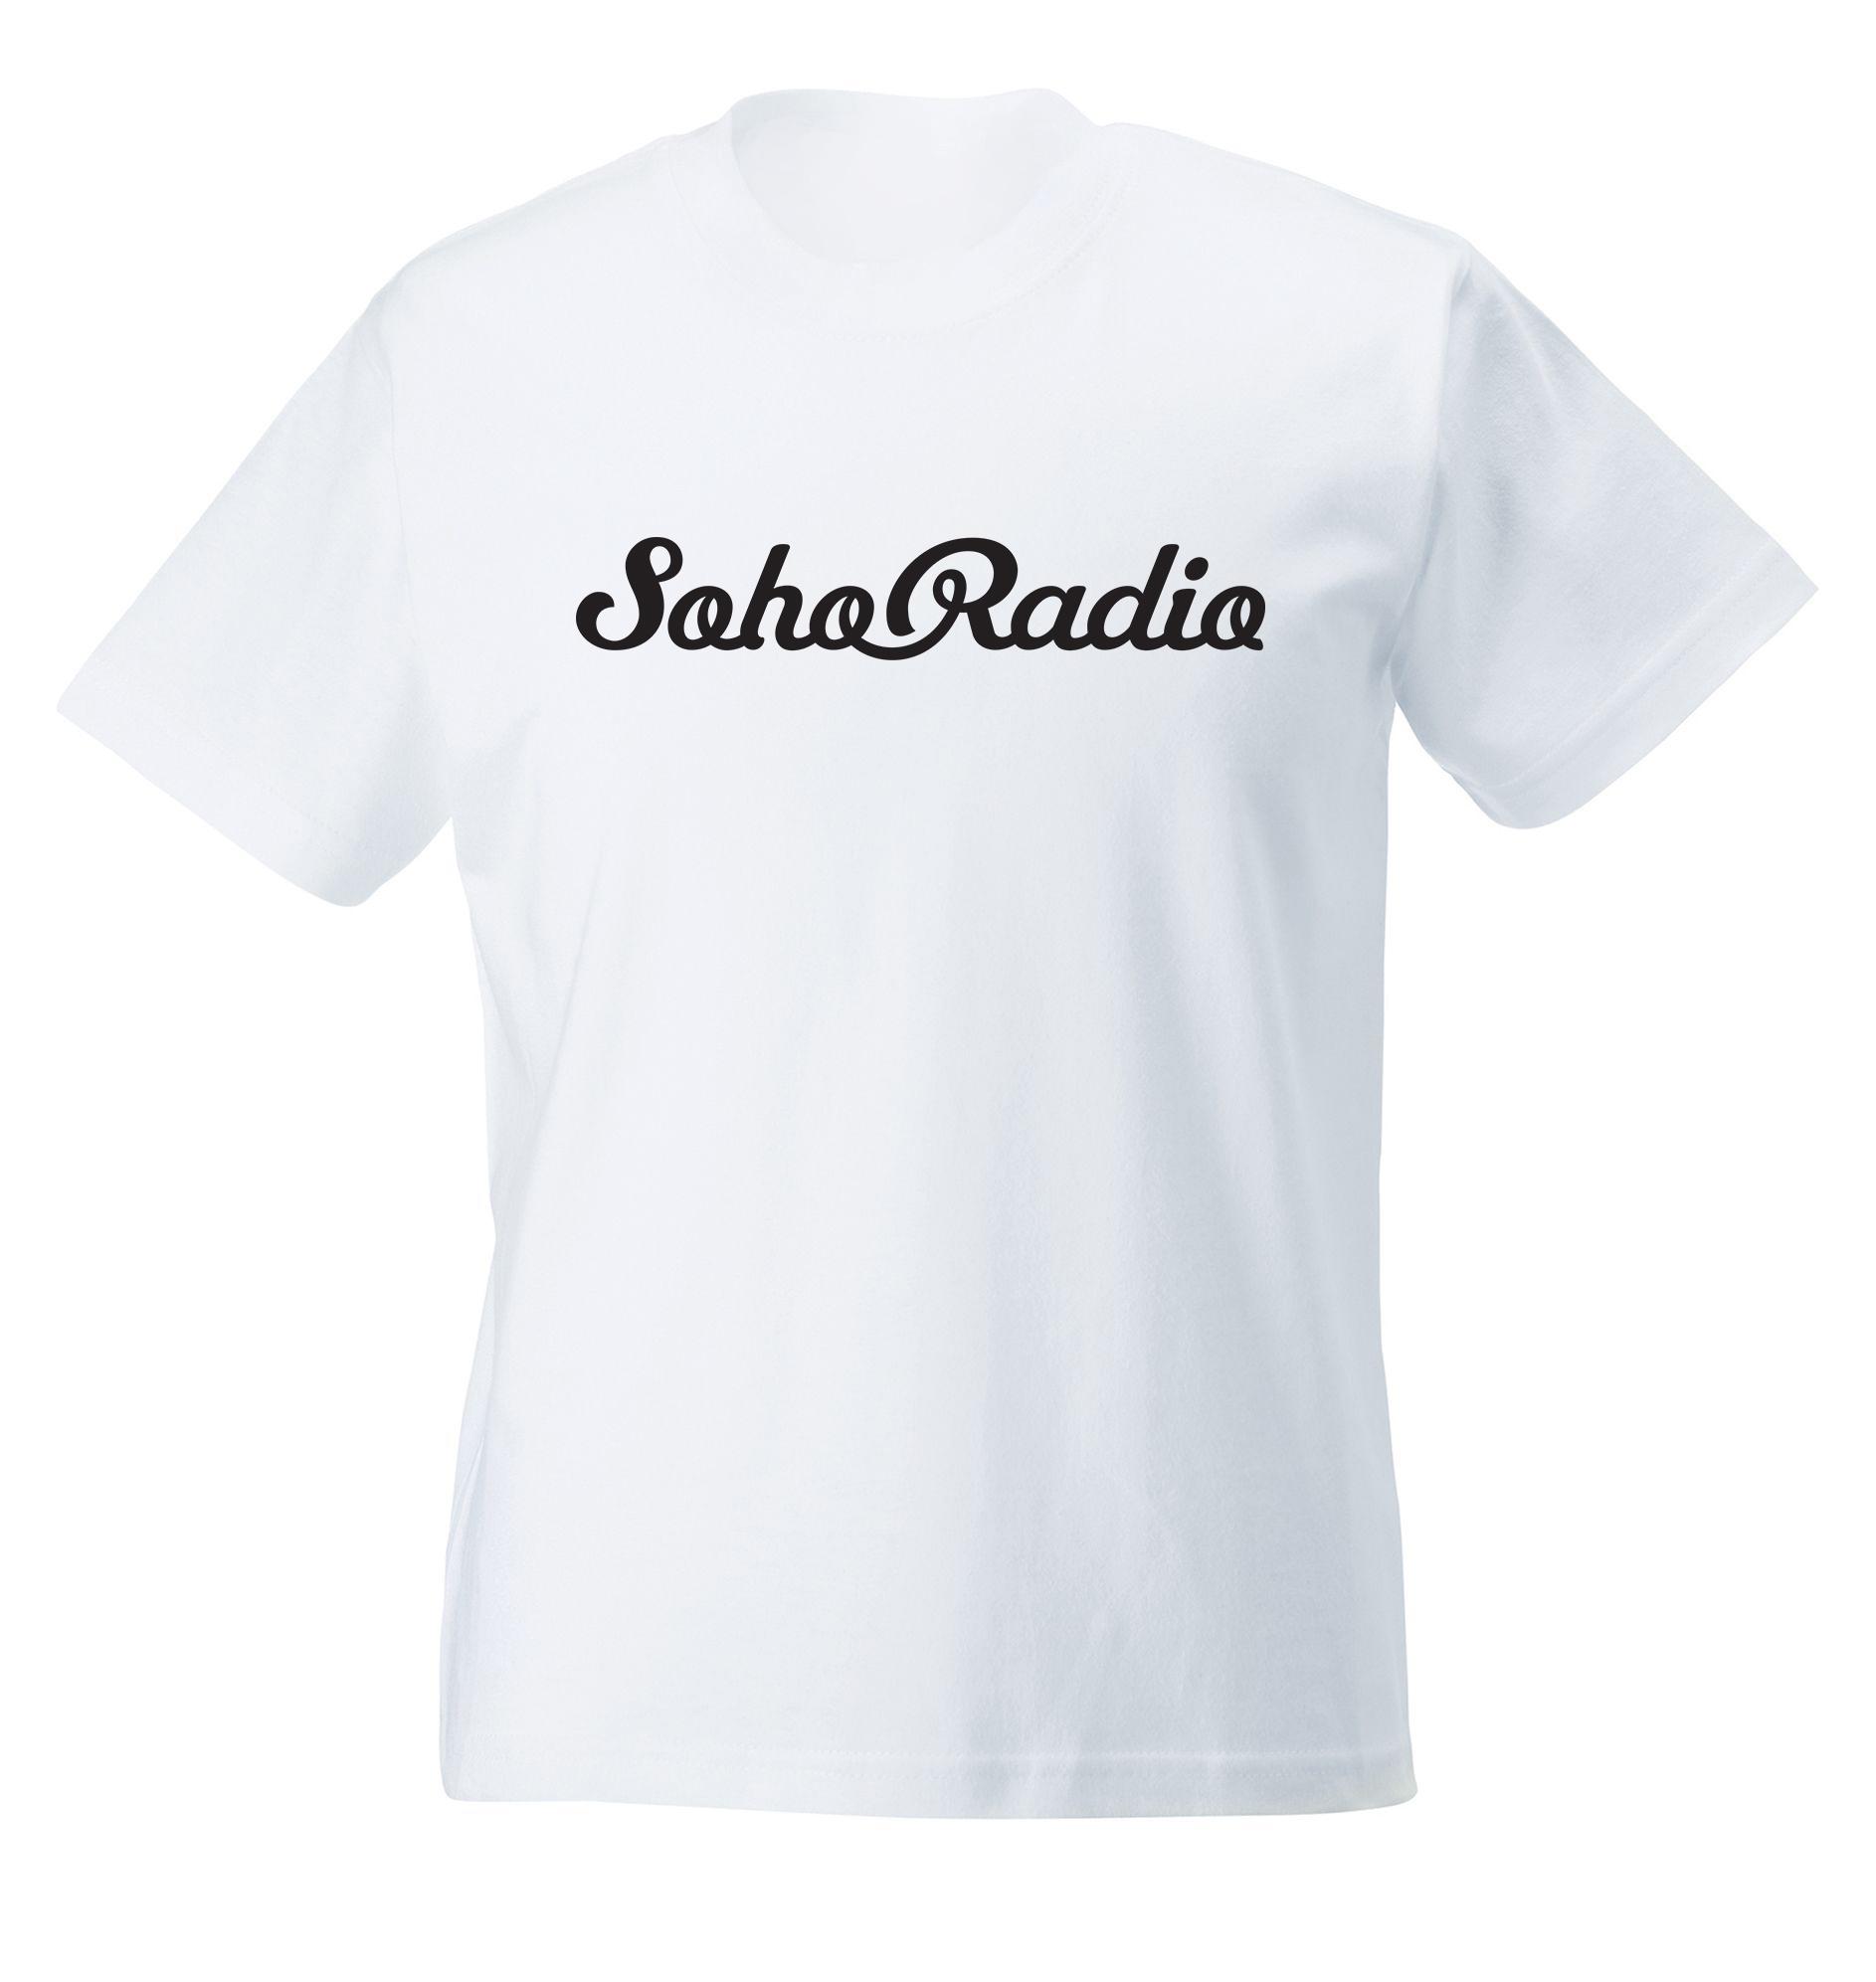 Soho Radio T-Shirt in White